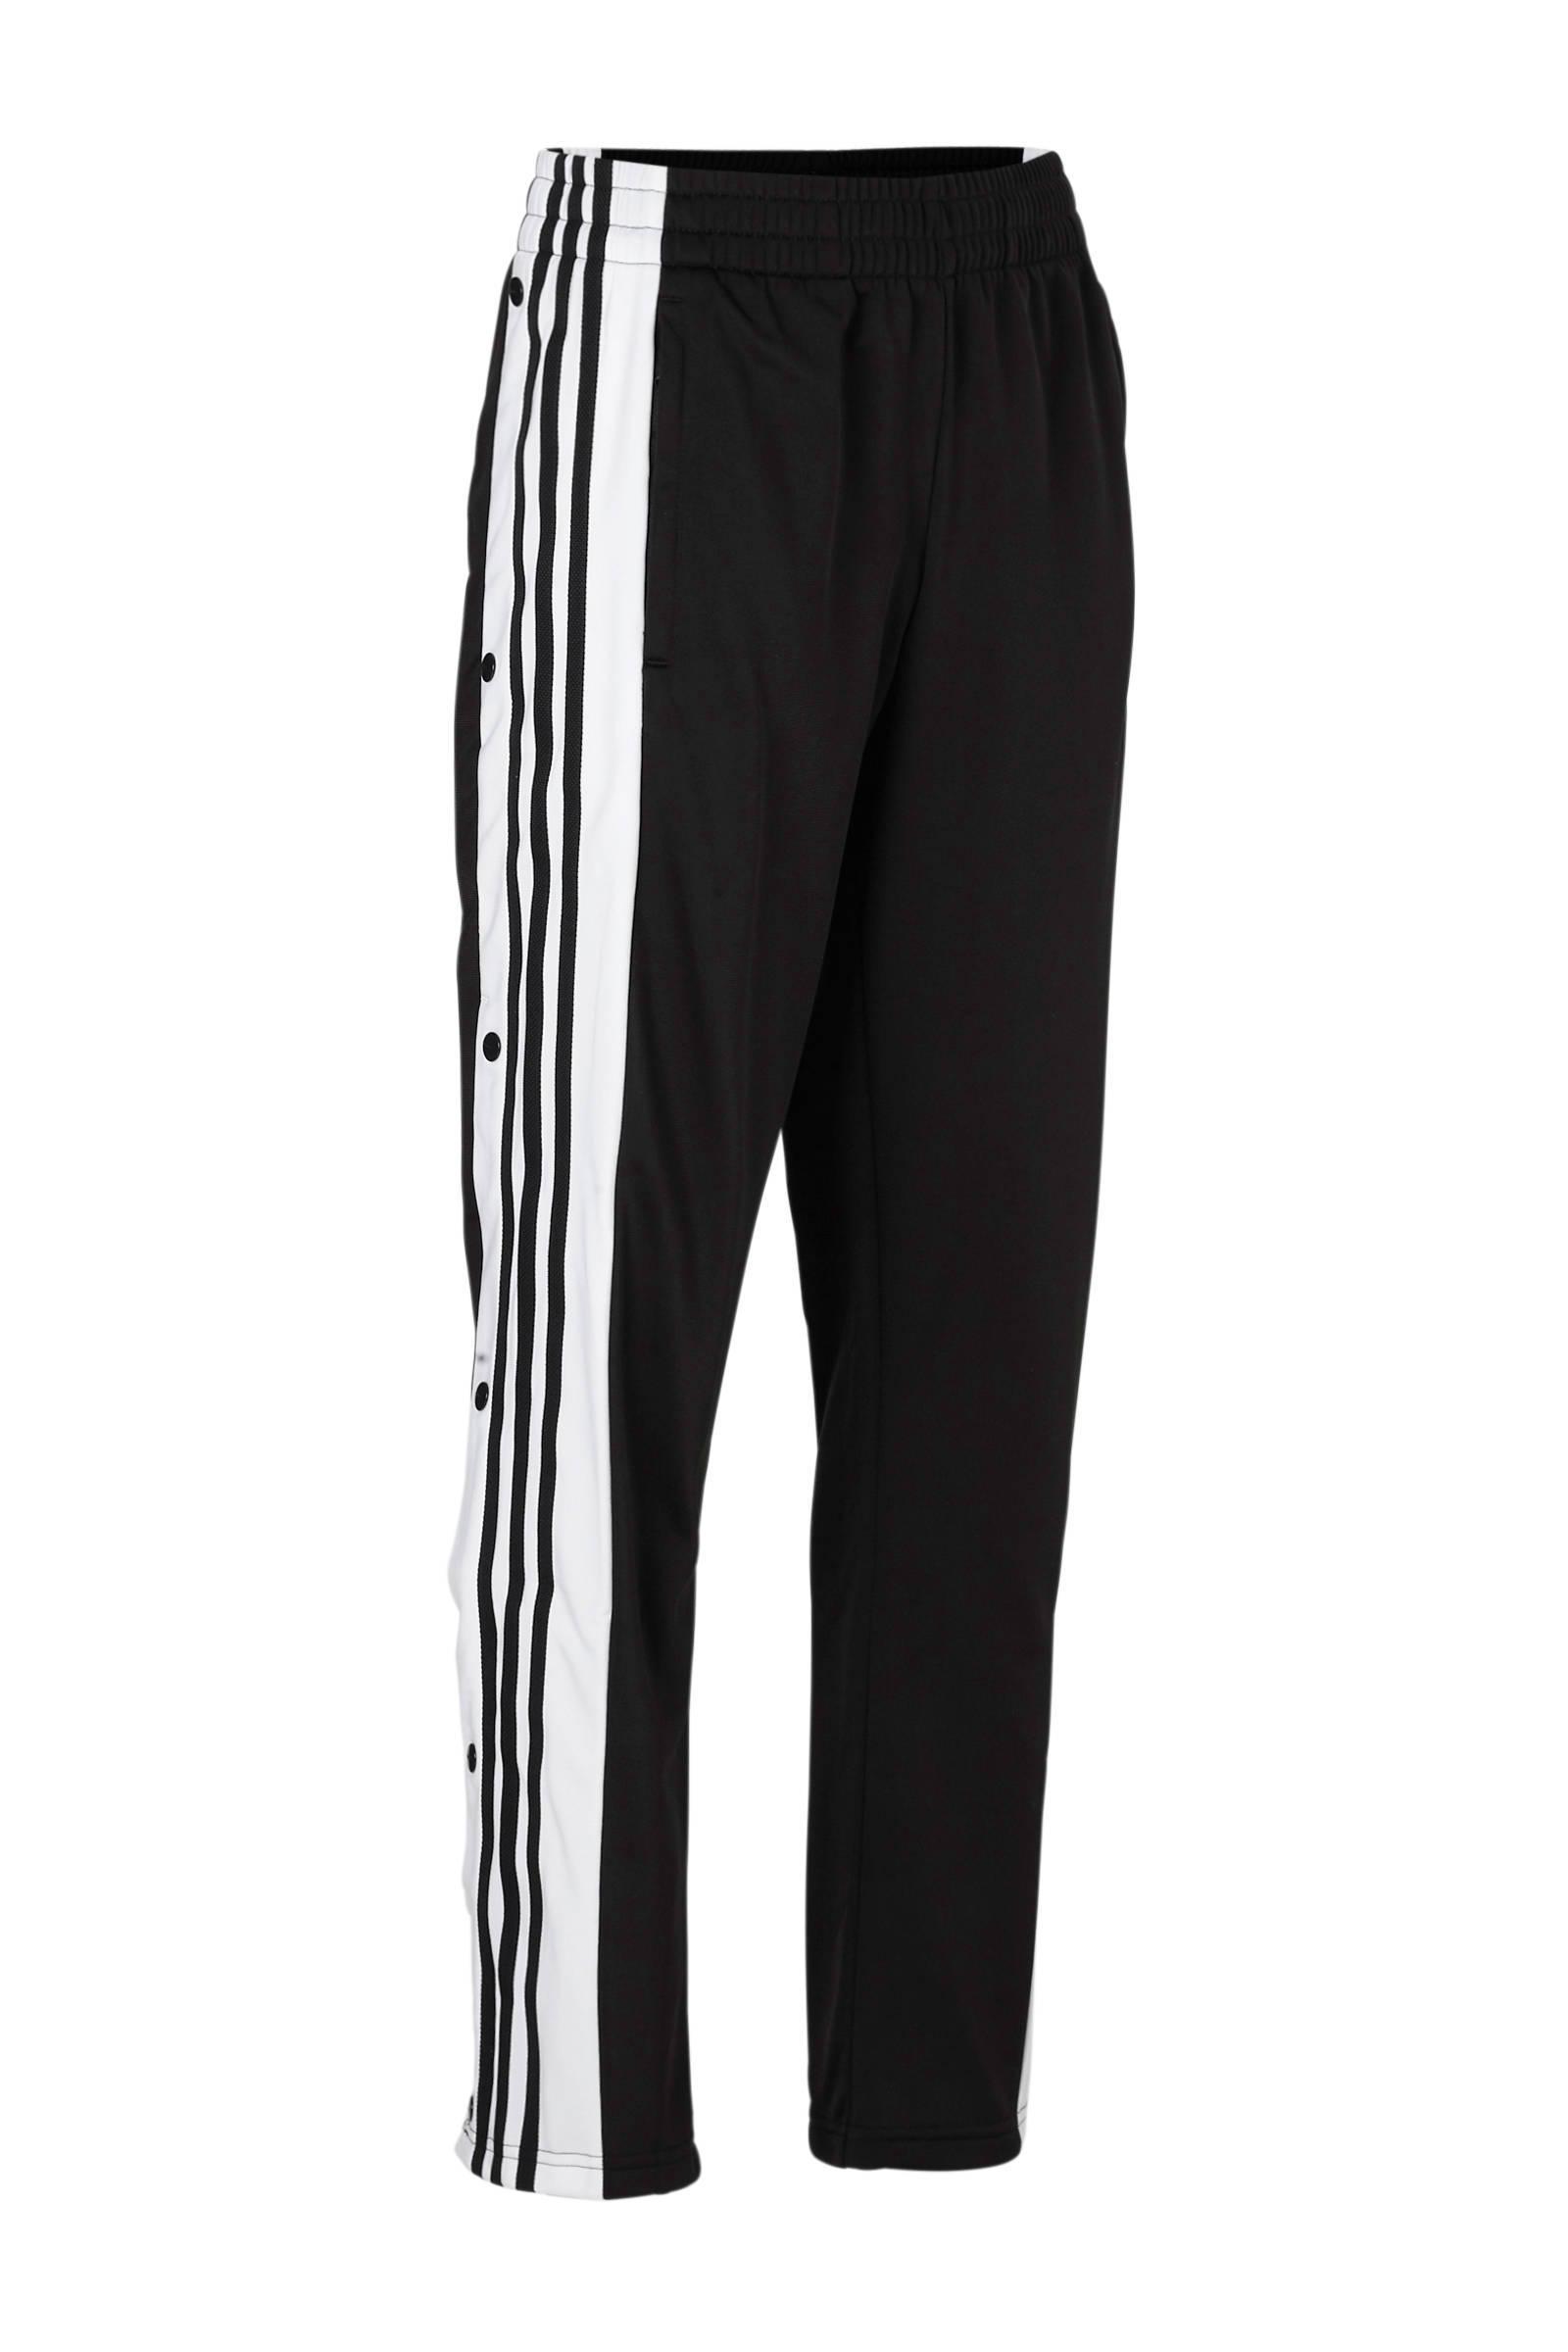 adidas Originals broek zwart | wehkamp